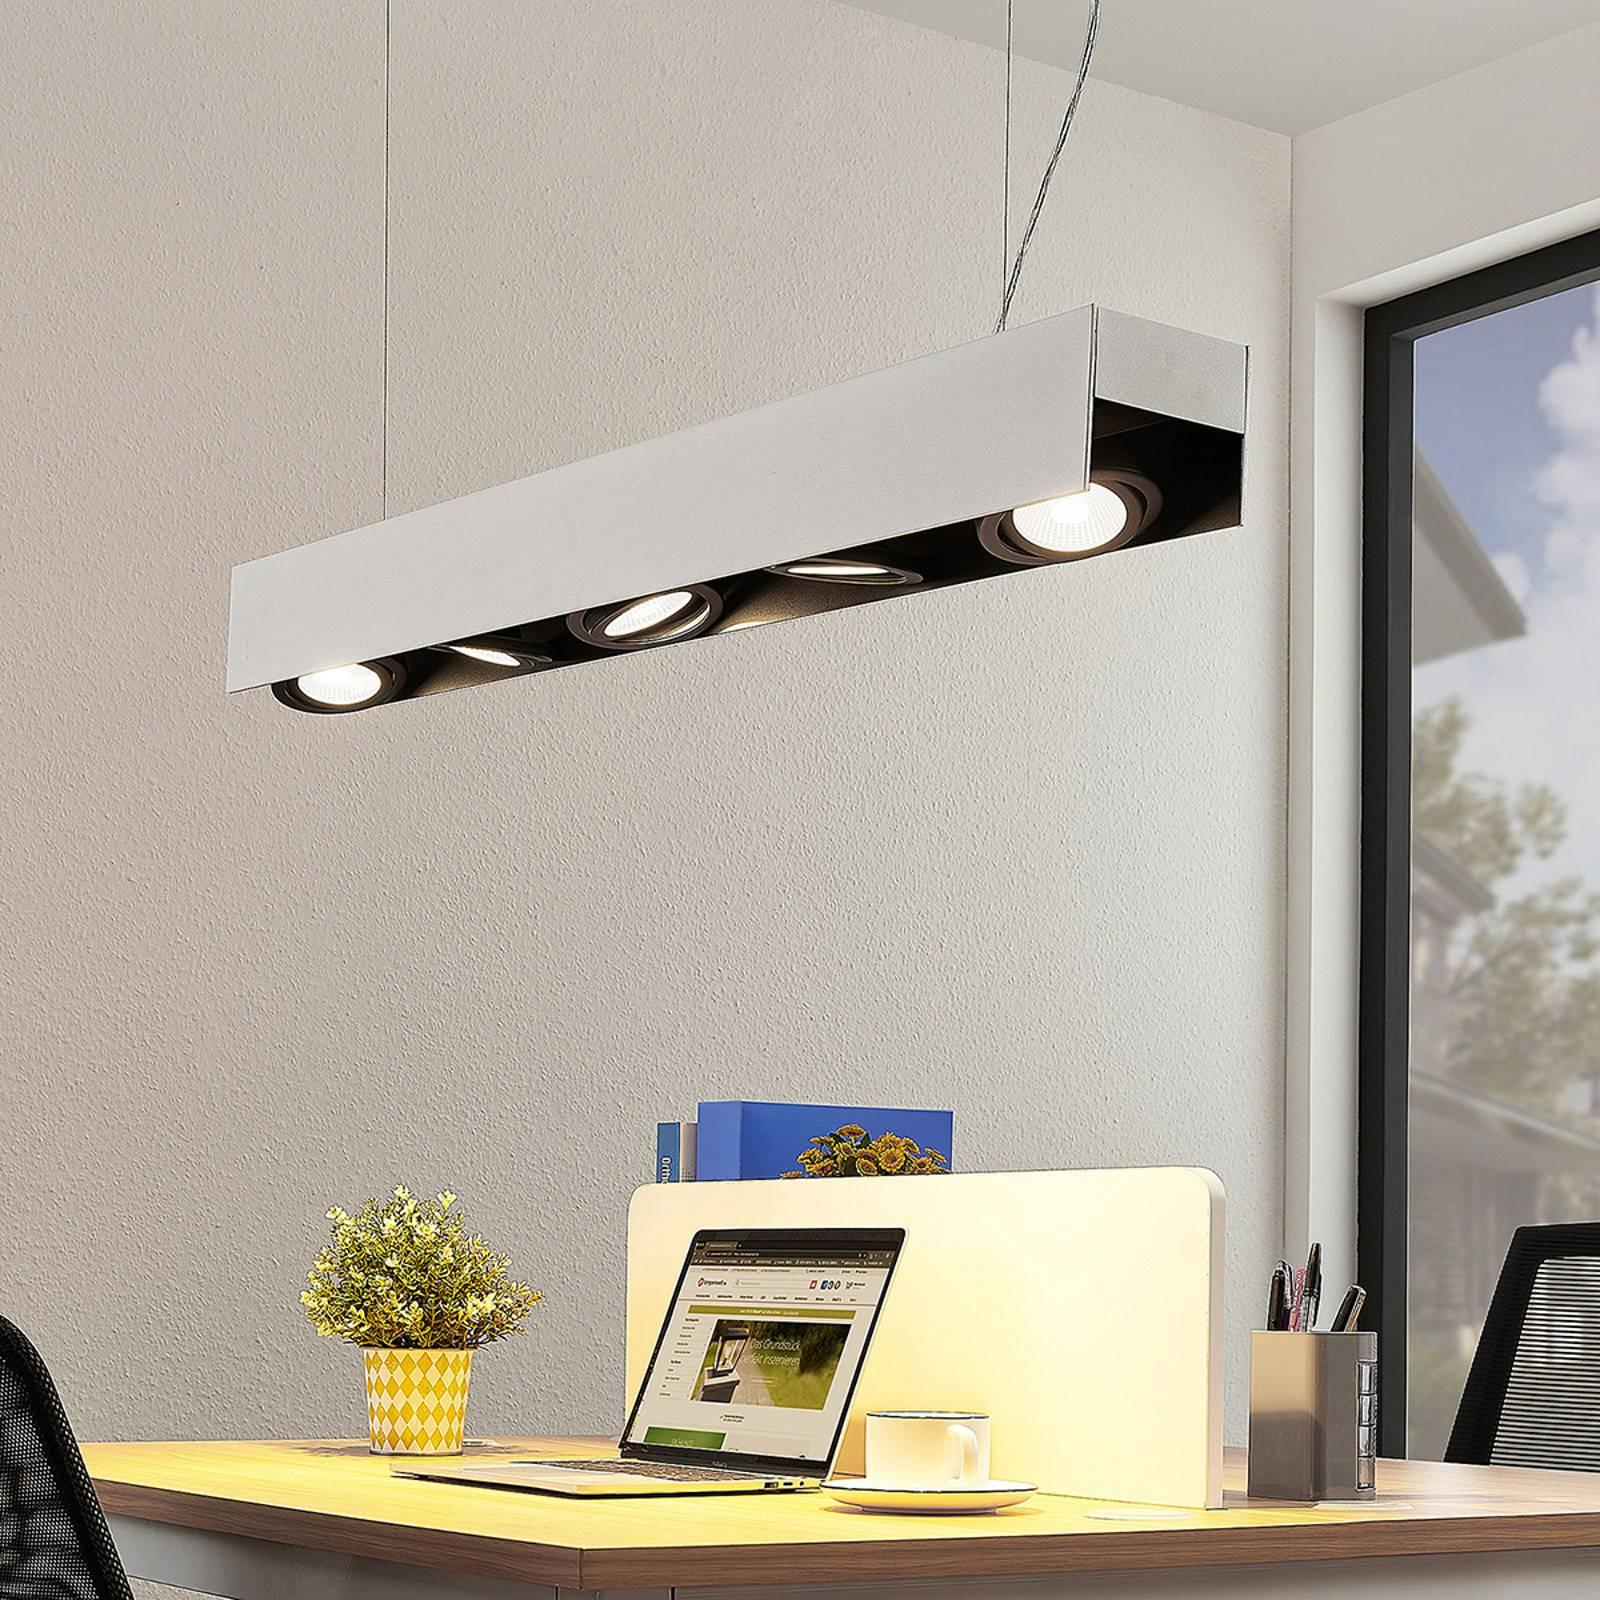 Arcchio Olinka LED hanglamp, zwart-wit 5-lamps